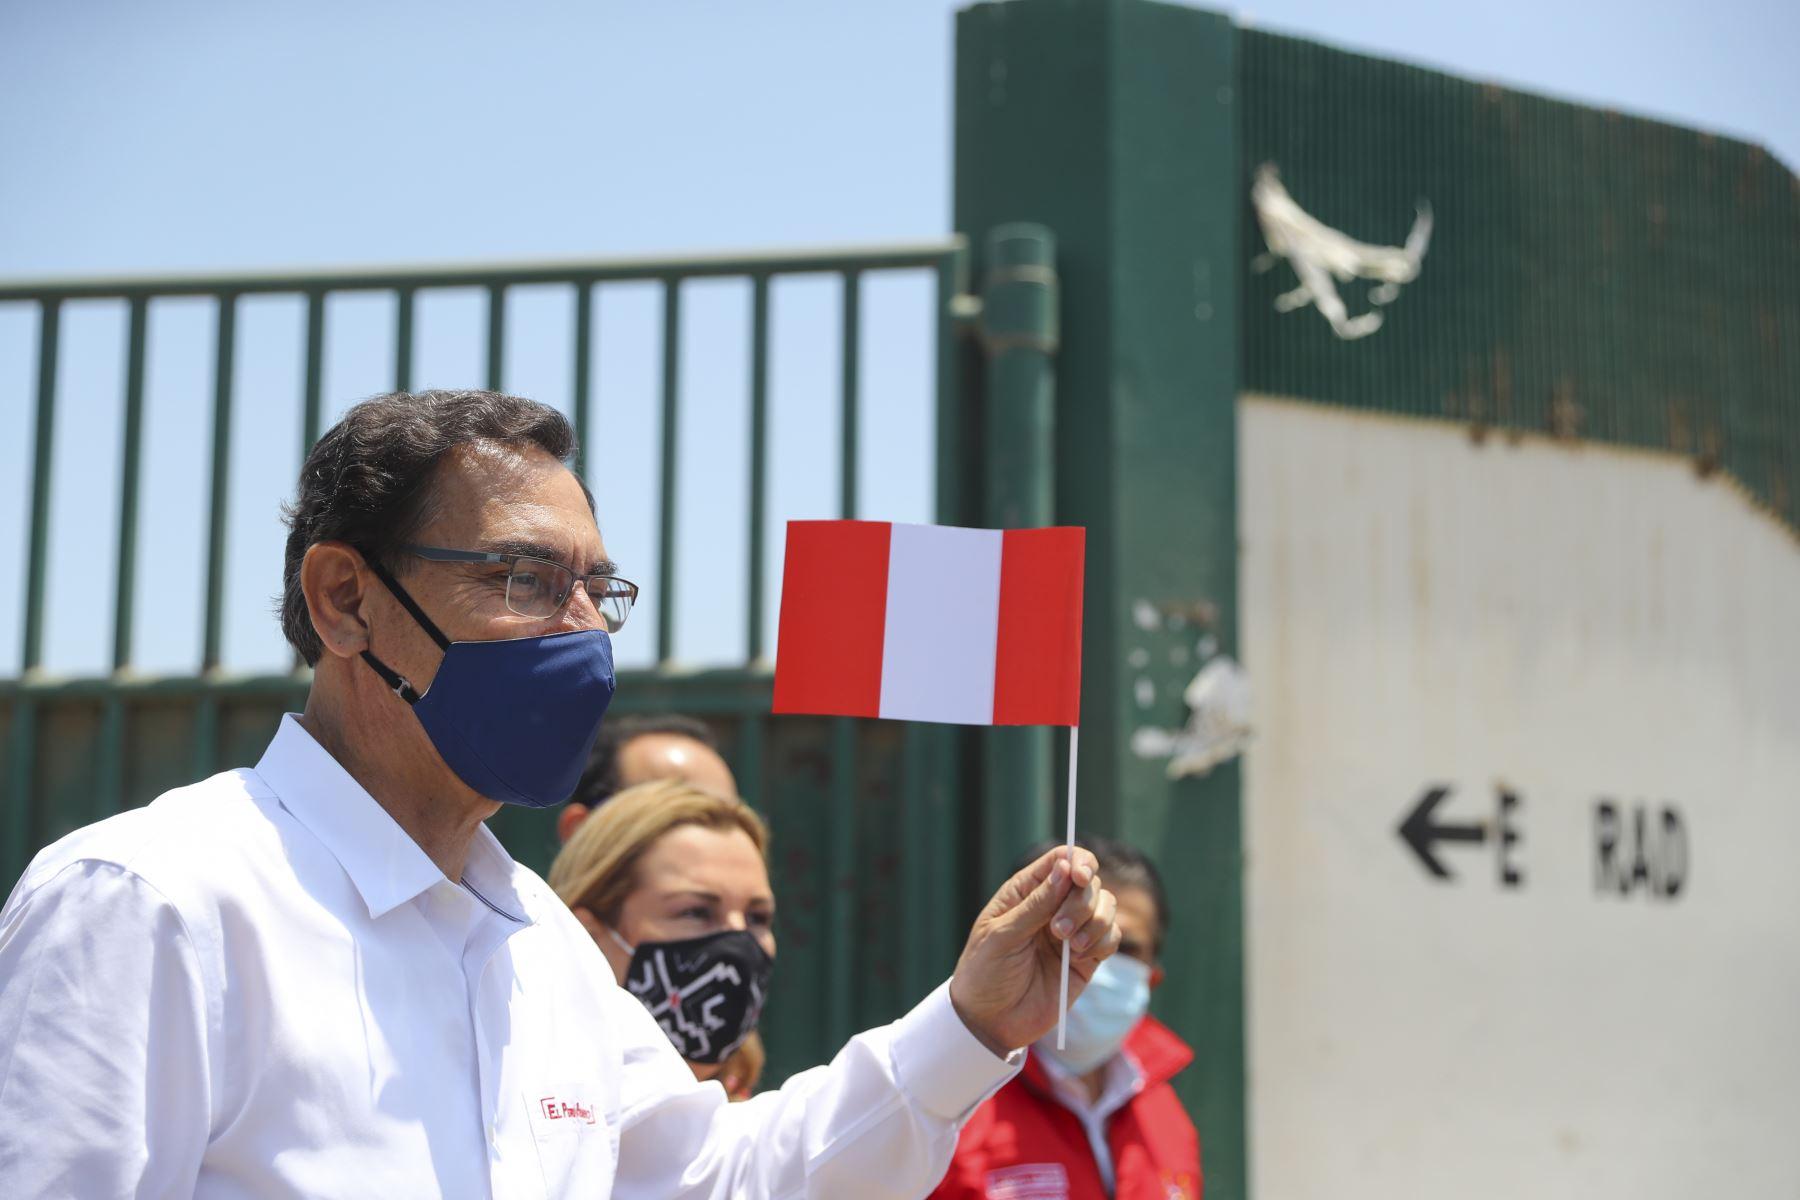 El presidente de la República, Martín Vizcarra, inspecciona la Villa EsSalud Virú, en La Libertad; establecimiento para brindar atención a pacientes con coronavirus, Foto: ANDINA/ Prensa Presidencia